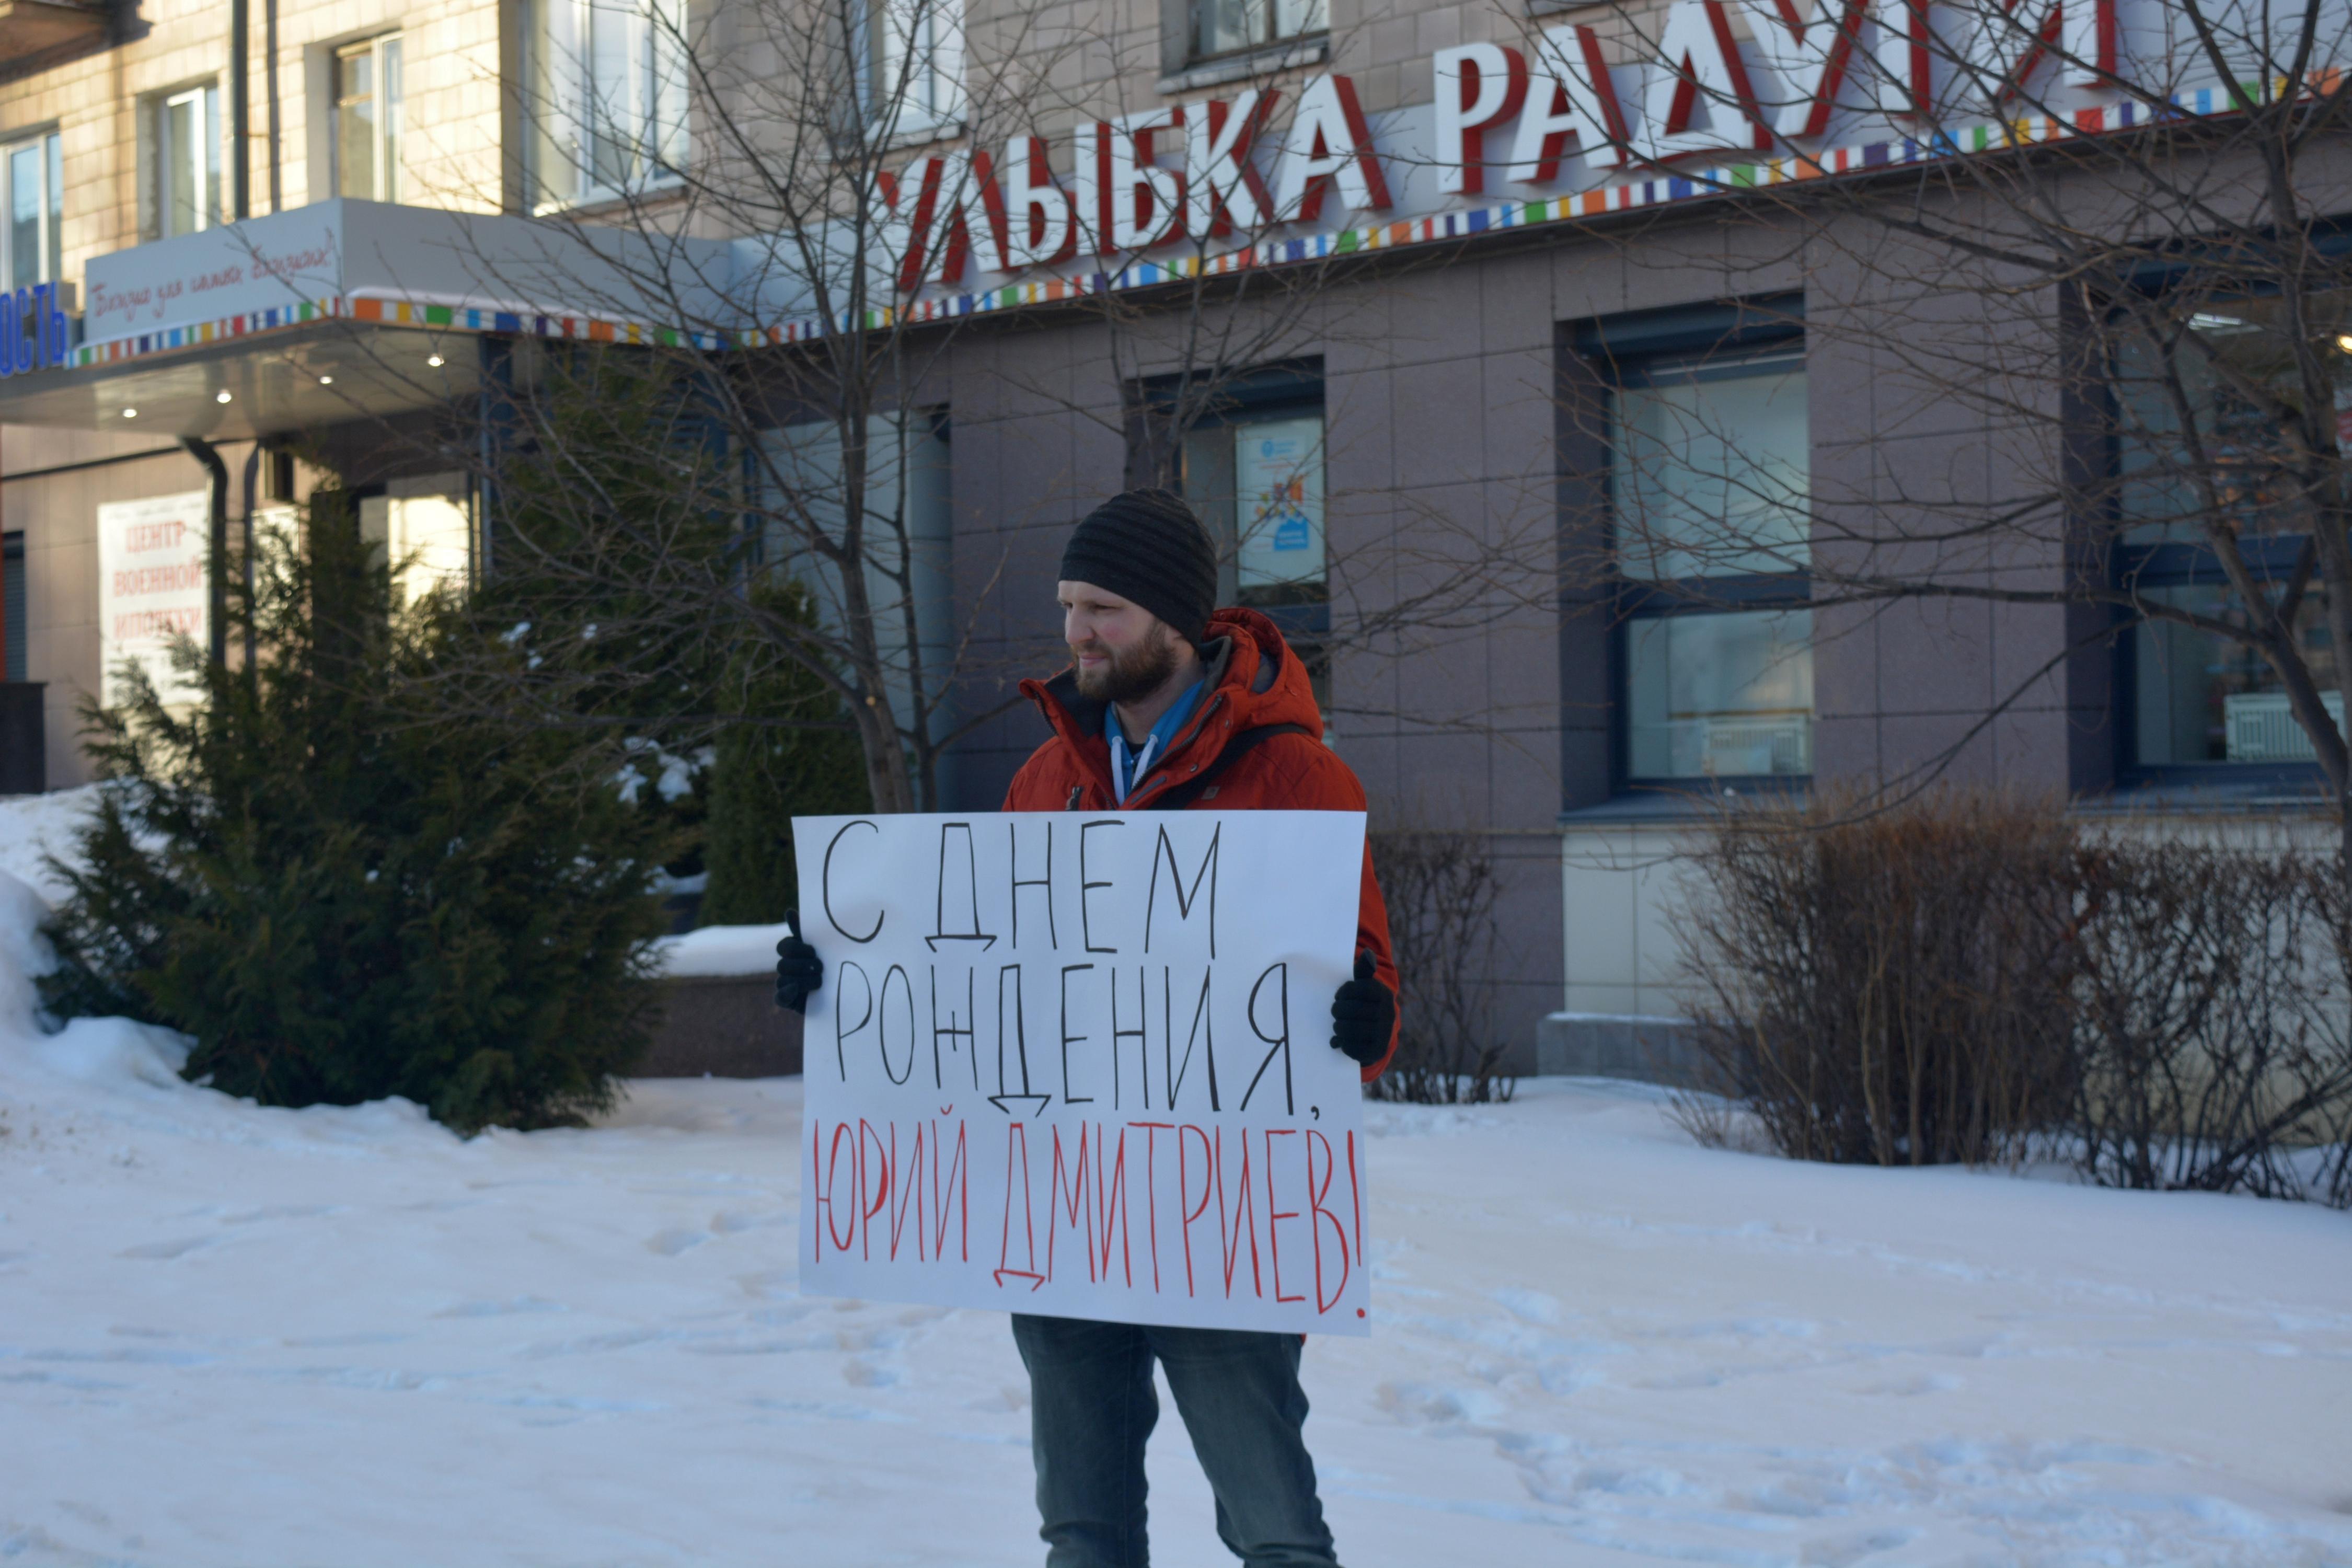 Одиночные пикеты были приурочены к дню рождения Юрия Дмитриева. Фото: Алексей Владимиров